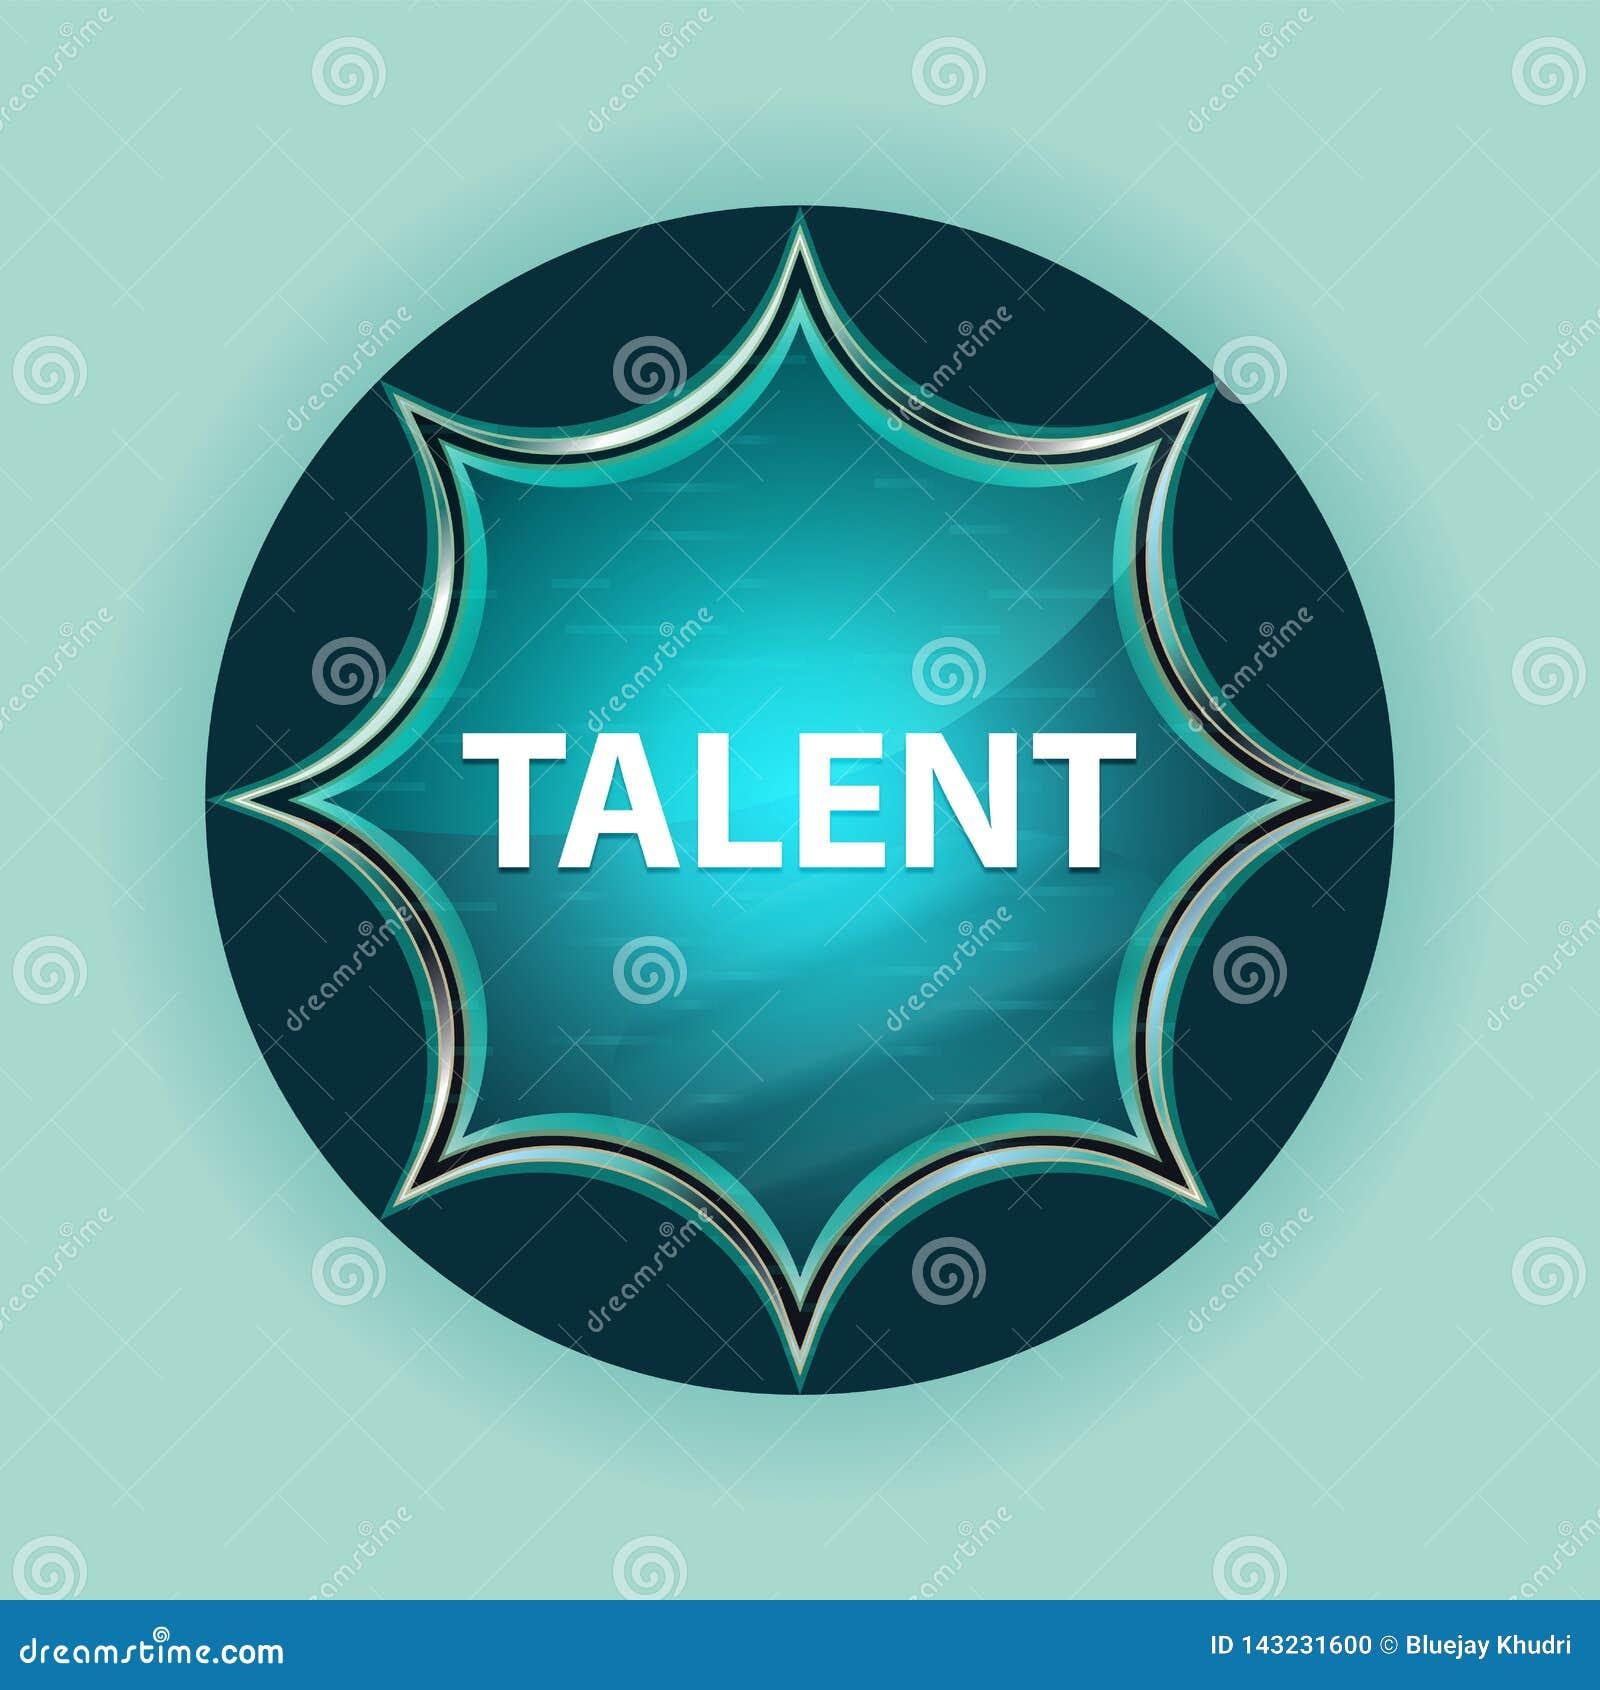 Fundo azul sunburst vítreo mágico dos azul-céu do botão do talento